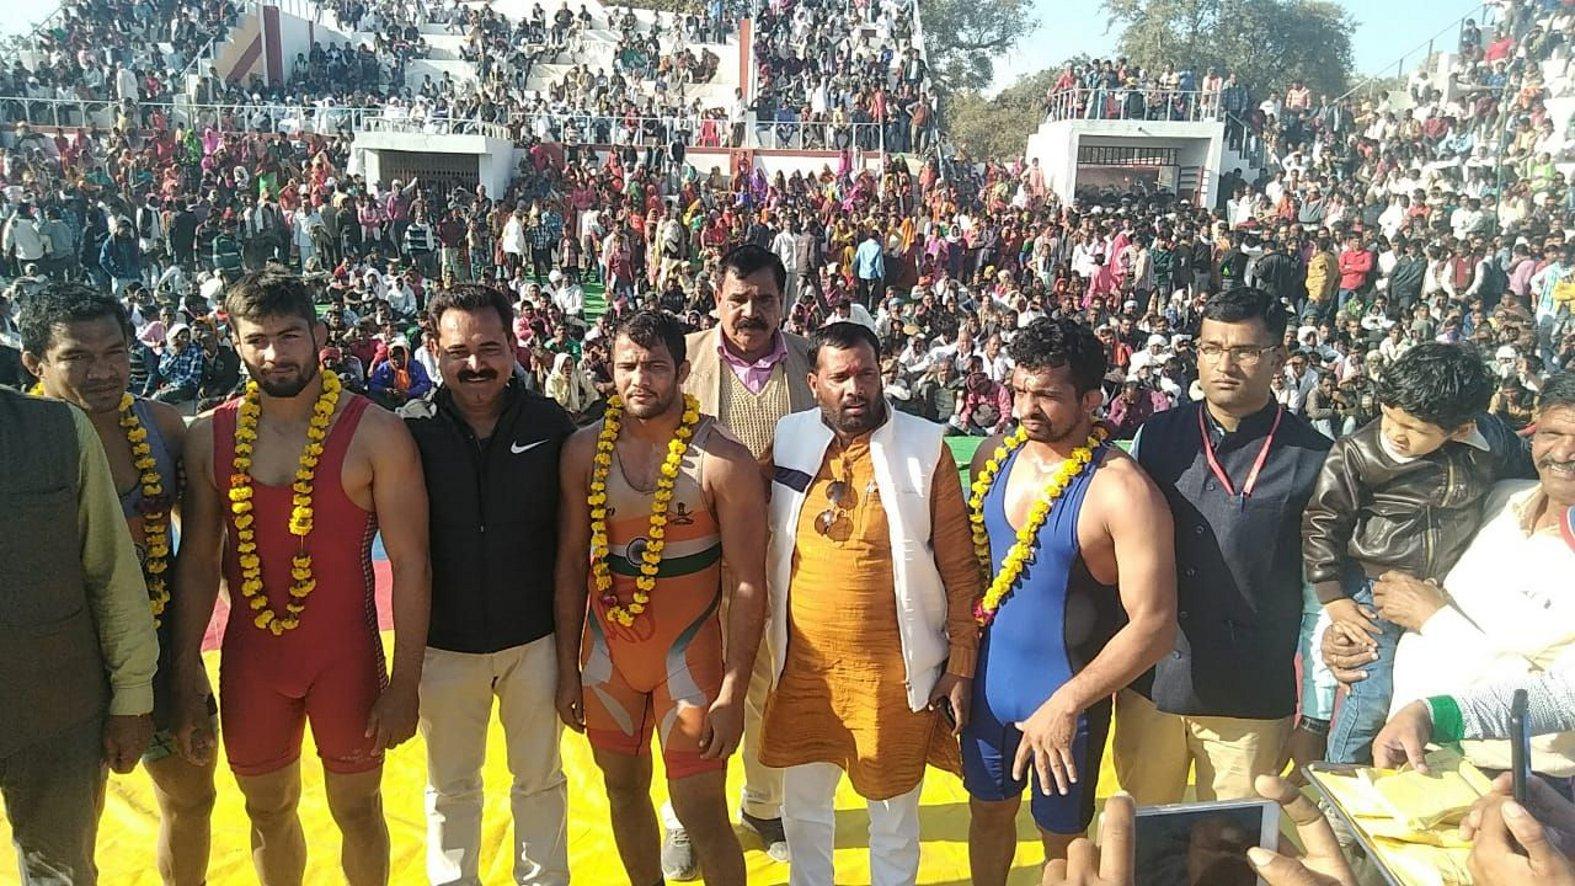 अखिल भारतीय कुश्ती प्रतियोगिता का समापन